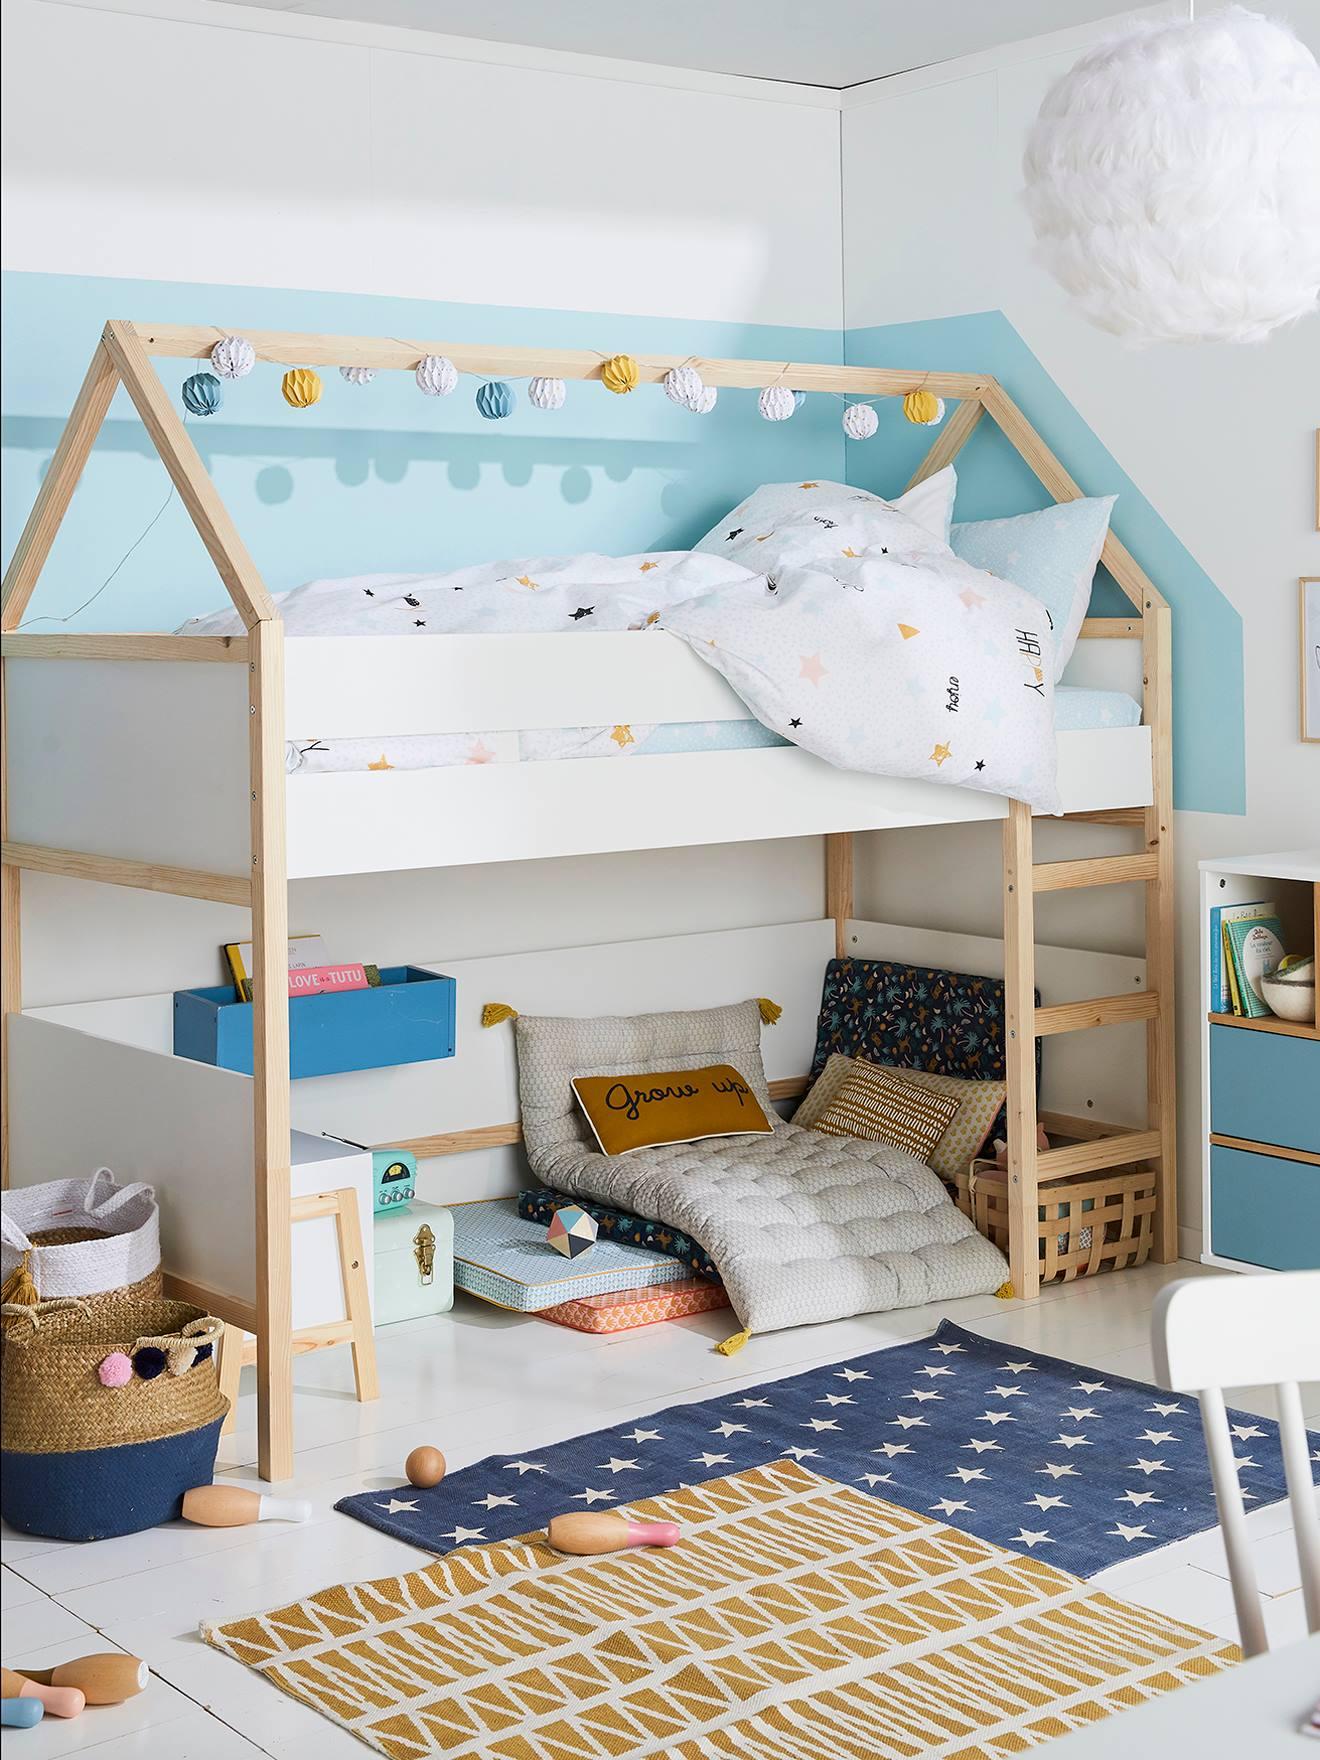 Full Size of Hochbetten Kinderzimmer Vertbaudet Hochbett Regal Sofa Weiß Regale Kinderzimmer Hochbetten Kinderzimmer